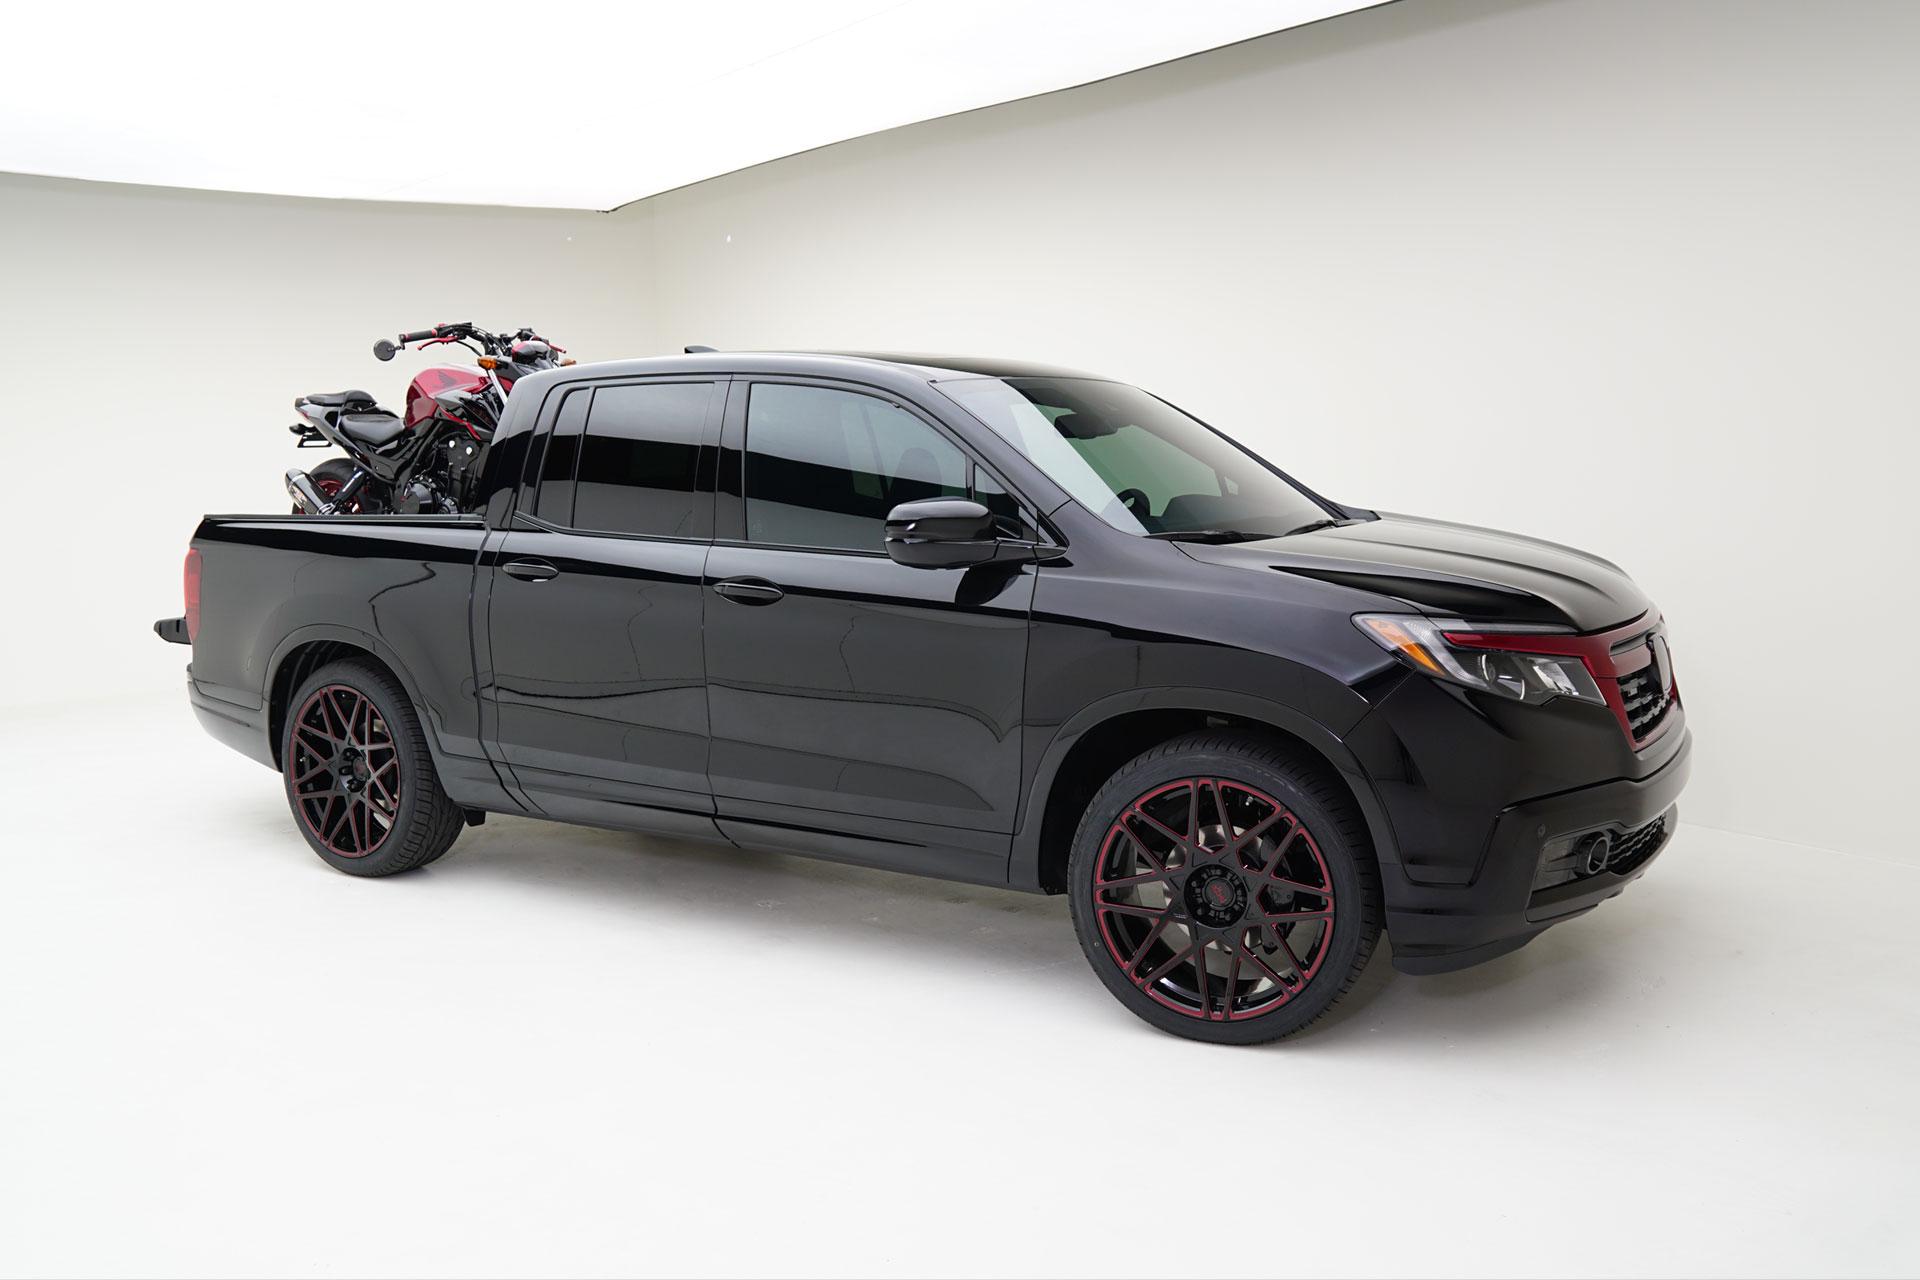 2017 MAD Honda Ridgeline Black Edition AWD - MAD INDUSTRIES